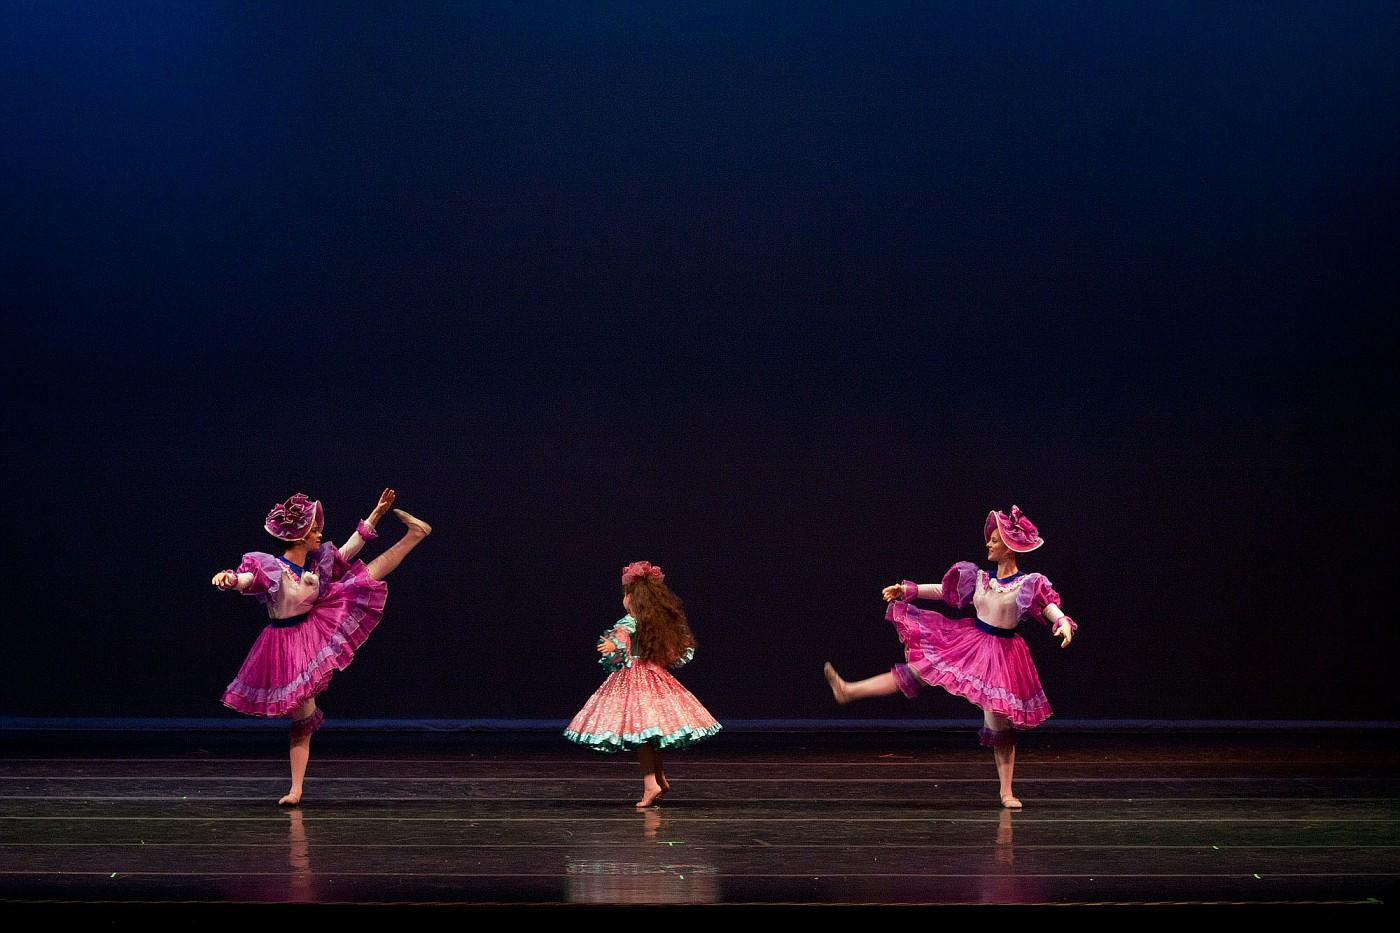 portrait-photography-children-ballet-20100617_0012.jpg